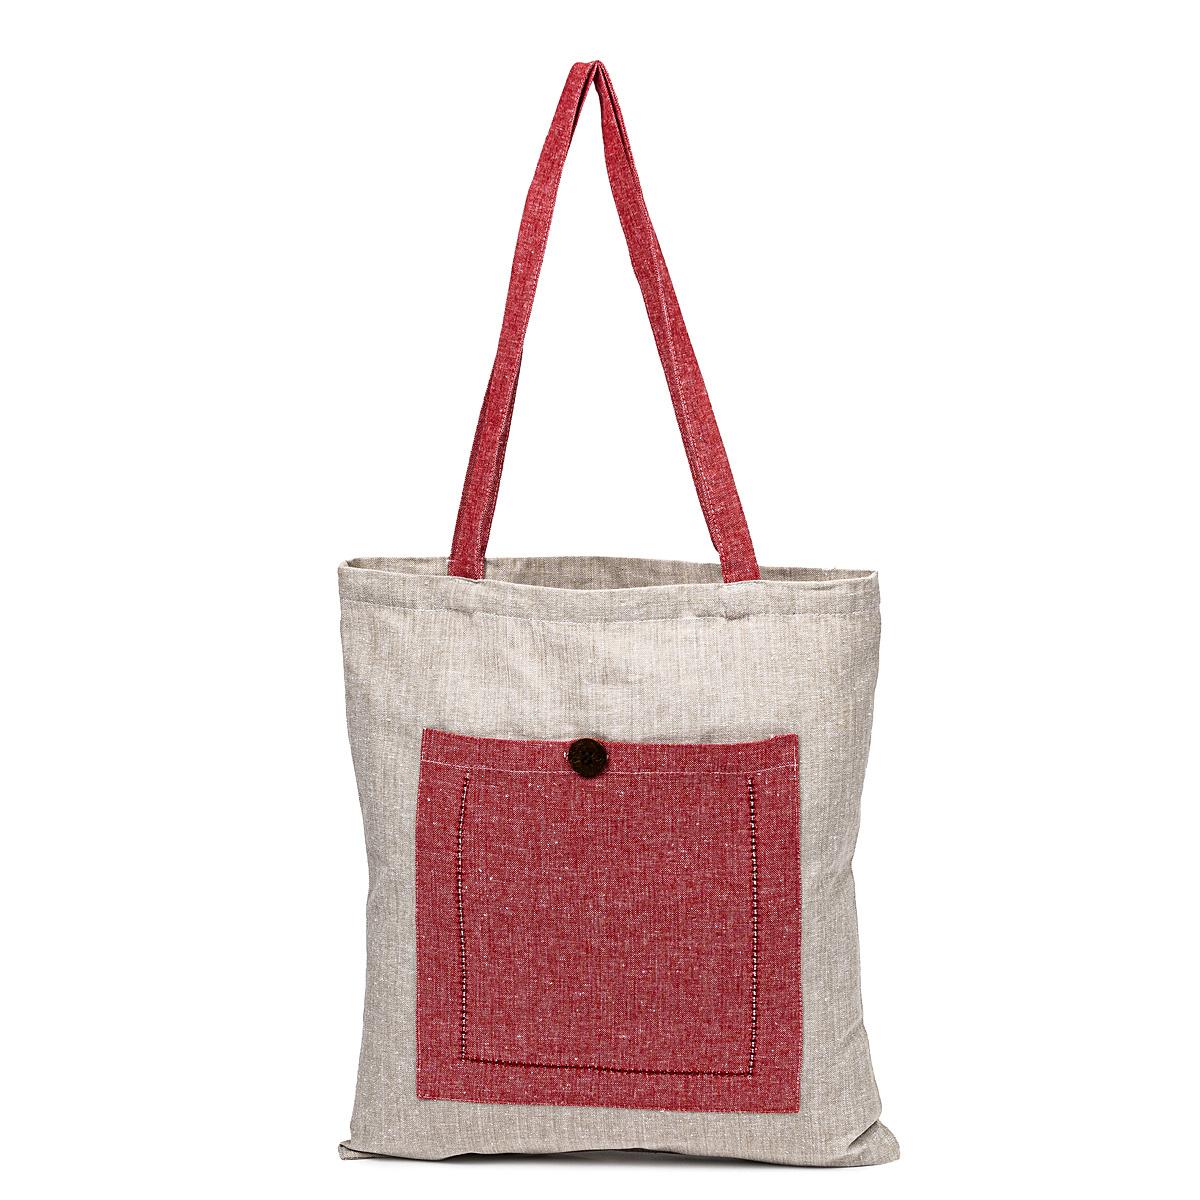 Sacoșă de cumpărături Heda roșu / bej, 40 x 45 cm imagine 2021 e4home.ro